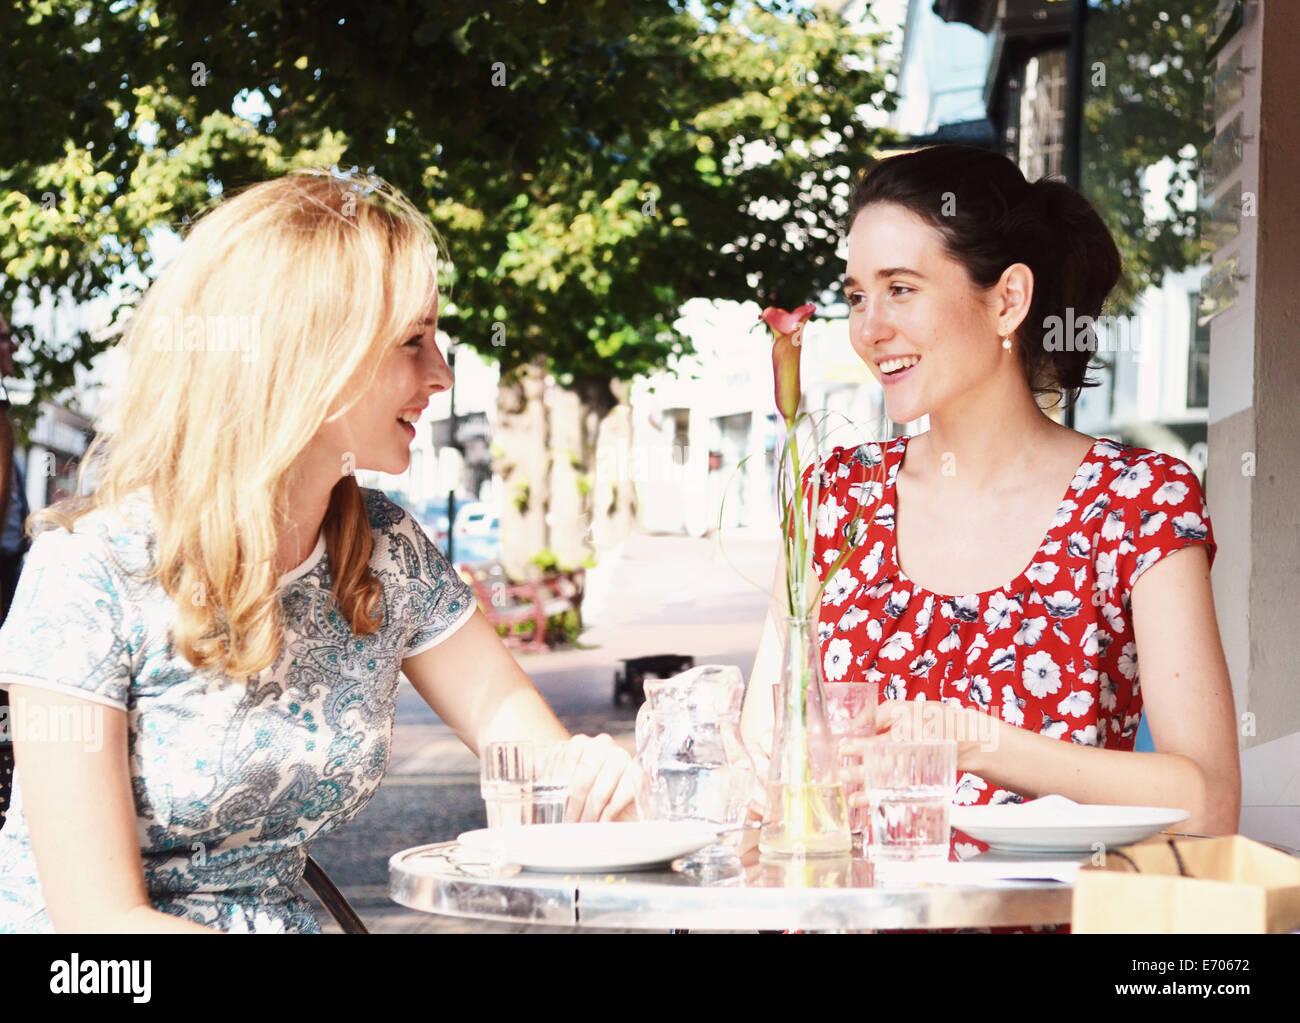 Zwei junge Frauen im Chat im Straßencafé Stockbild